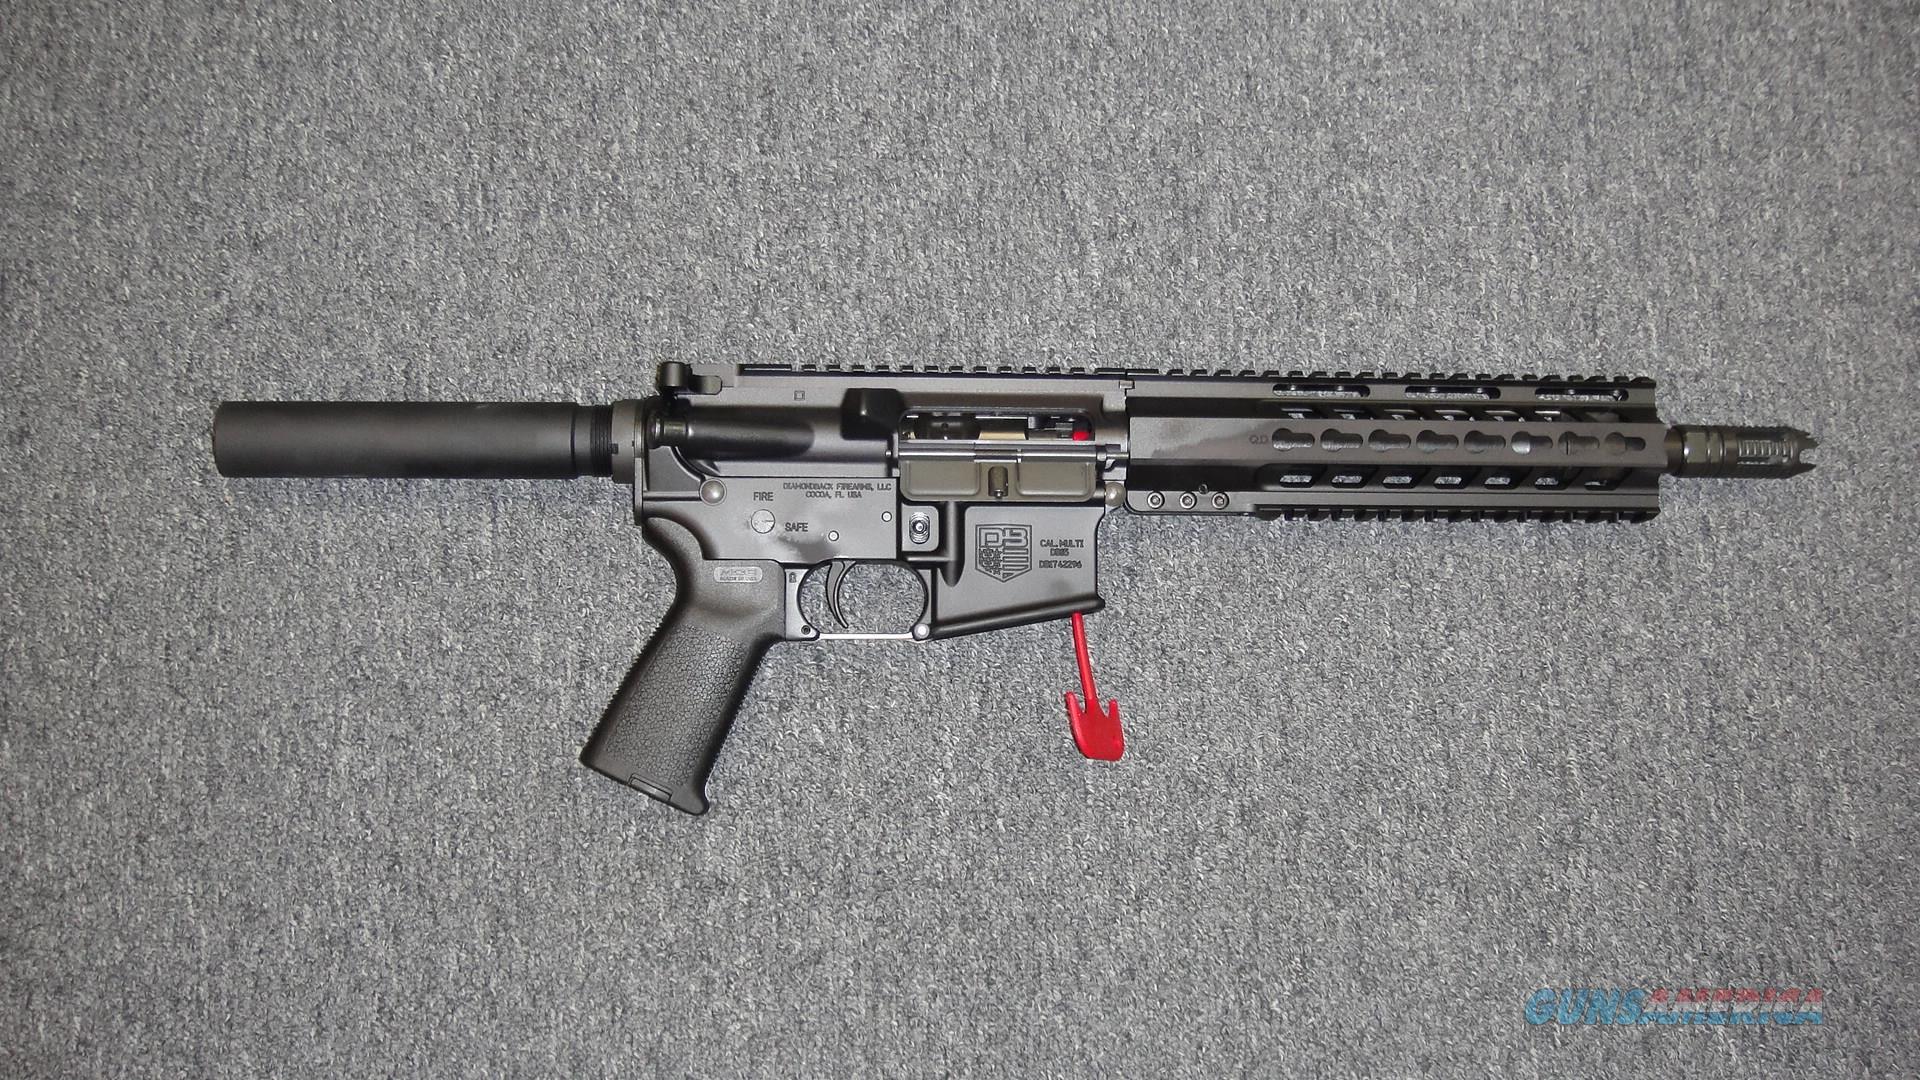 Diamondback DB15 pistol 7.62x39  Guns > Pistols > Diamondback Pistols